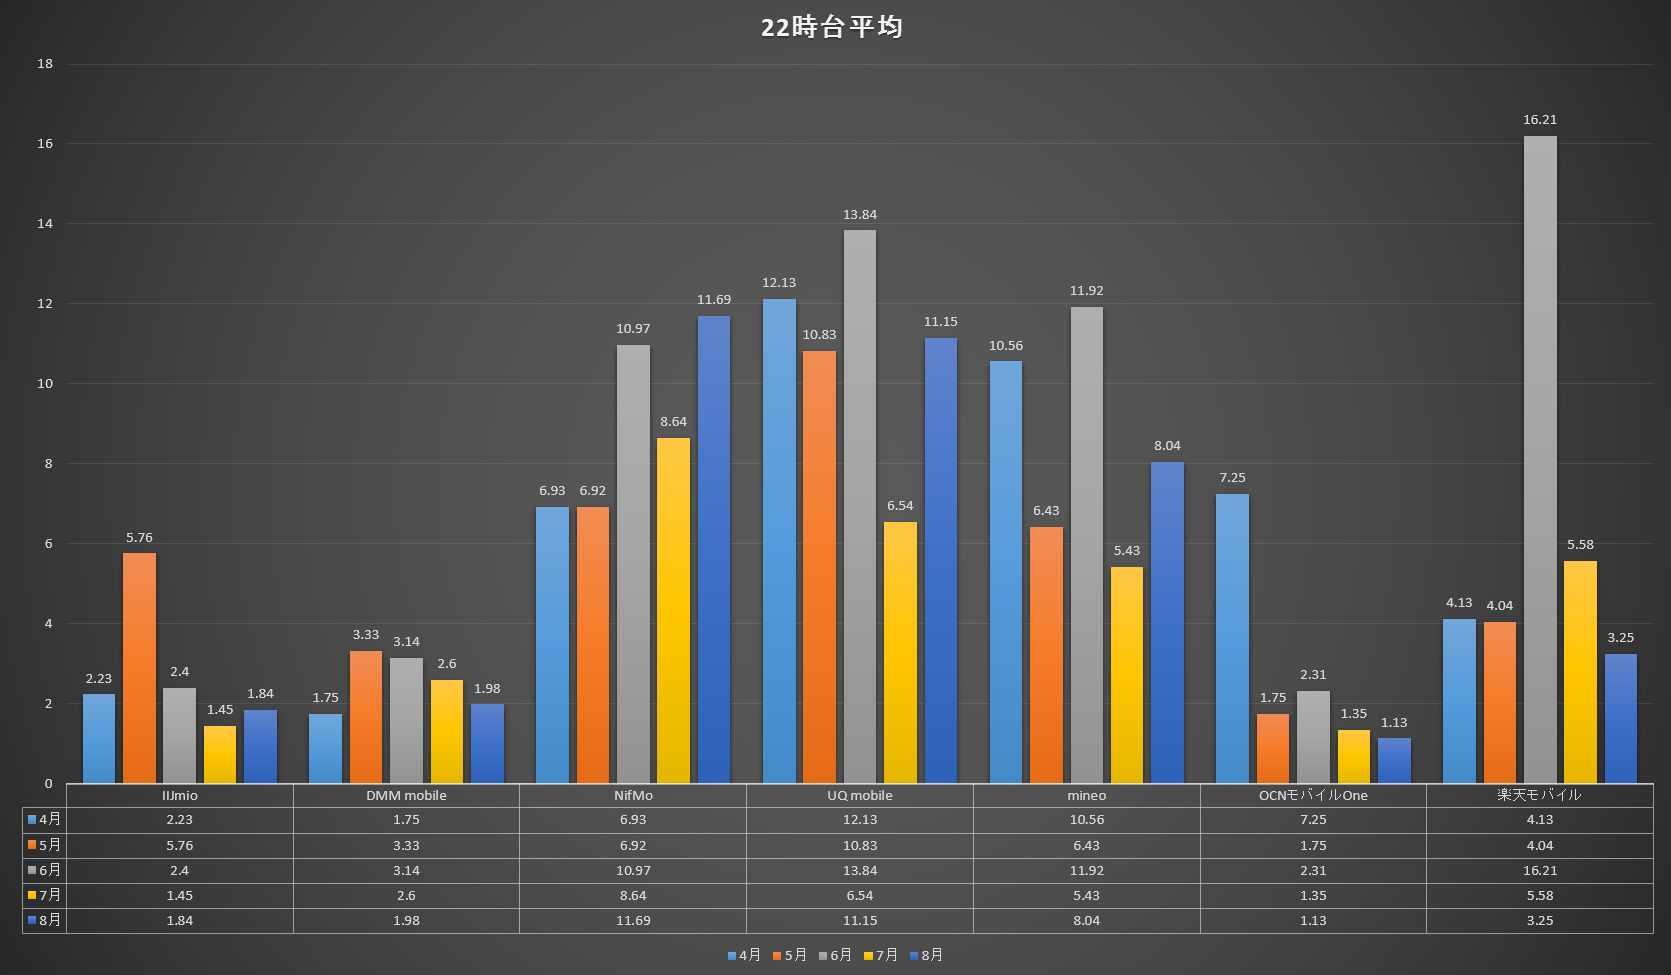 22時台 5ヶ月間 7社の速度比較